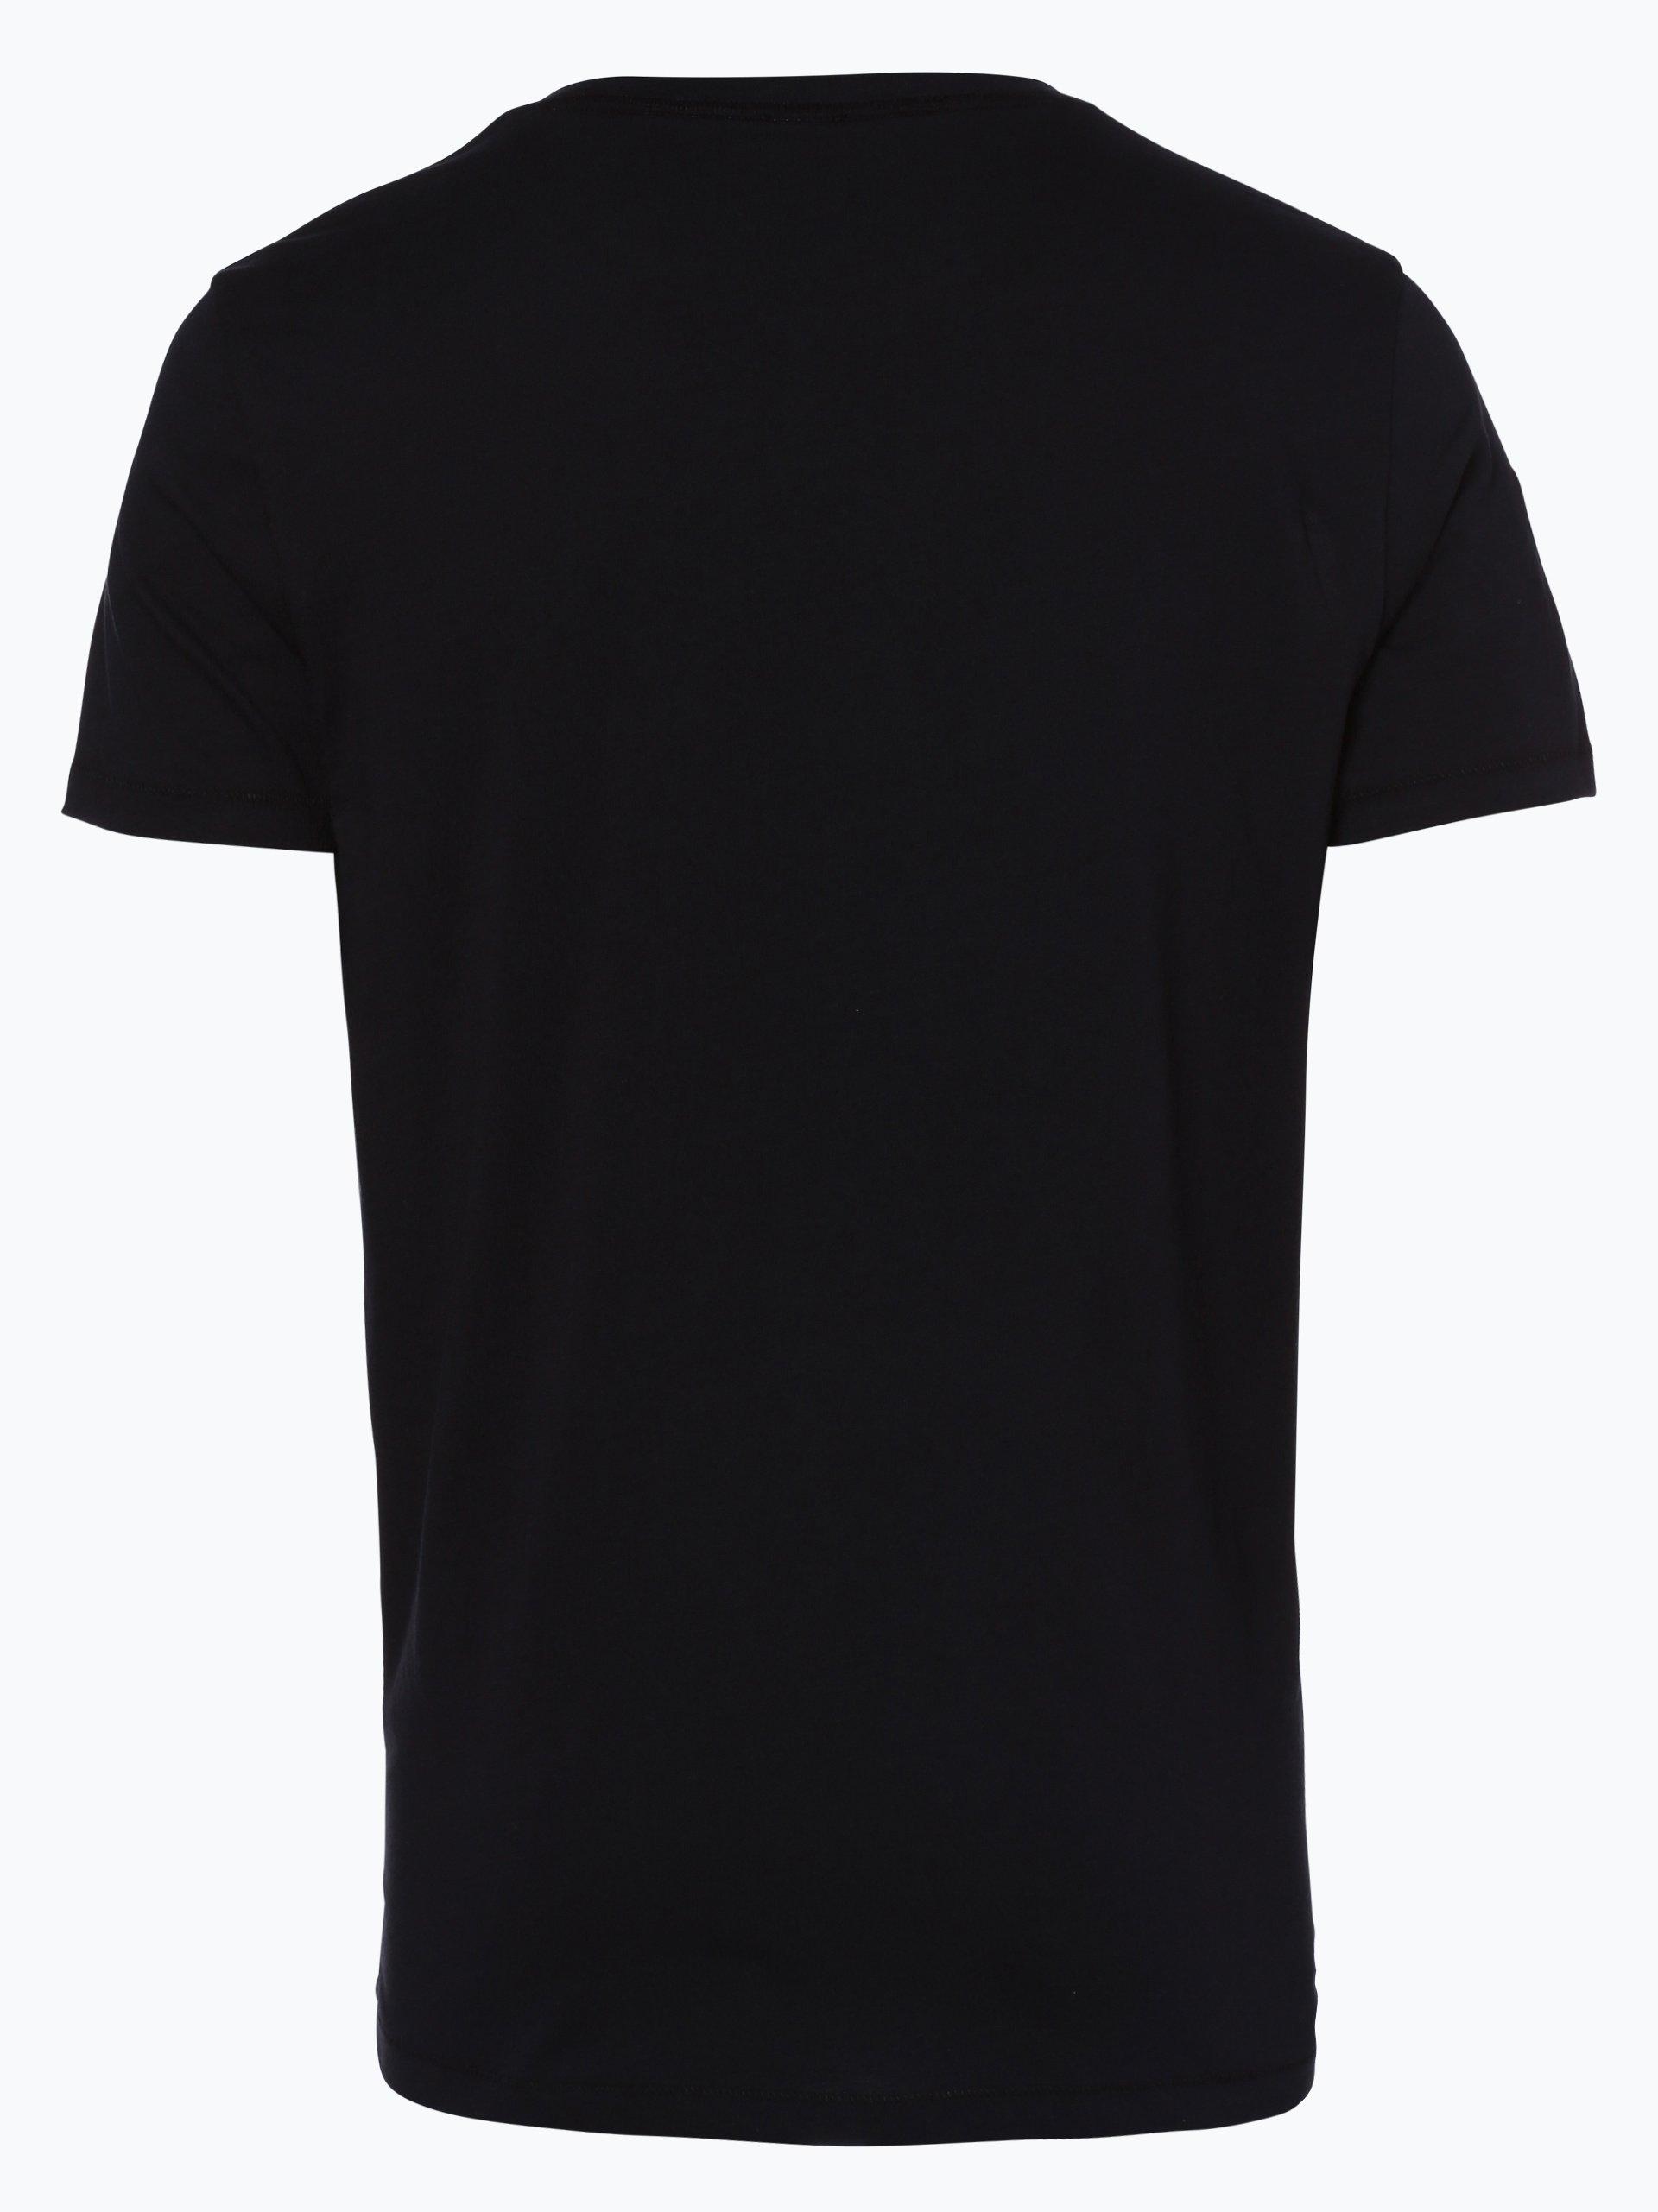 BOSS Casual T-shirt męski – Typer